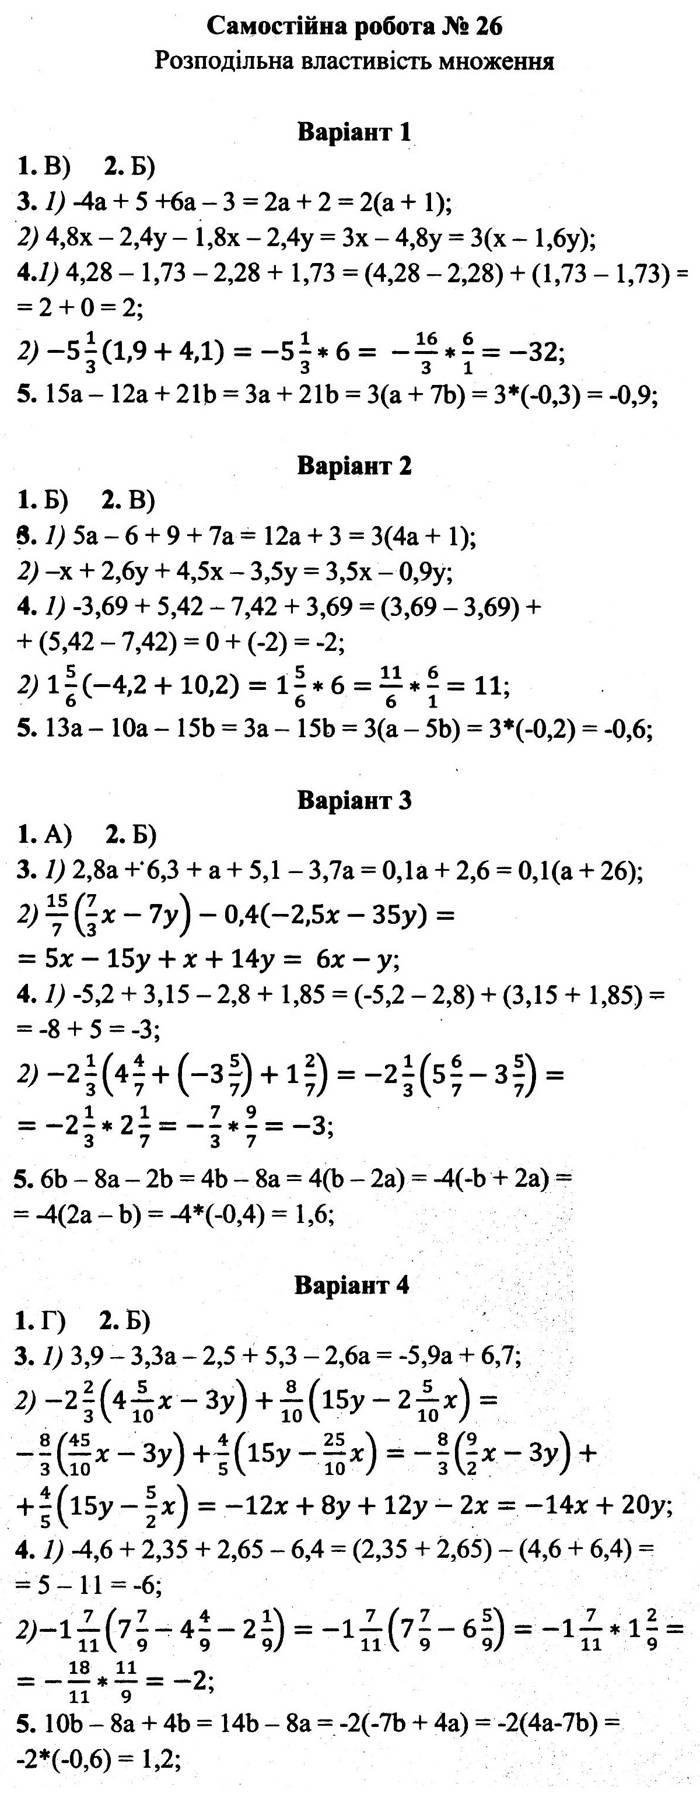 Розв'язання завдань до самостійної роботи 26 посібника 6 клас Математика Мерзляк (збірник самостійних робіт і тестів) 2020 рік